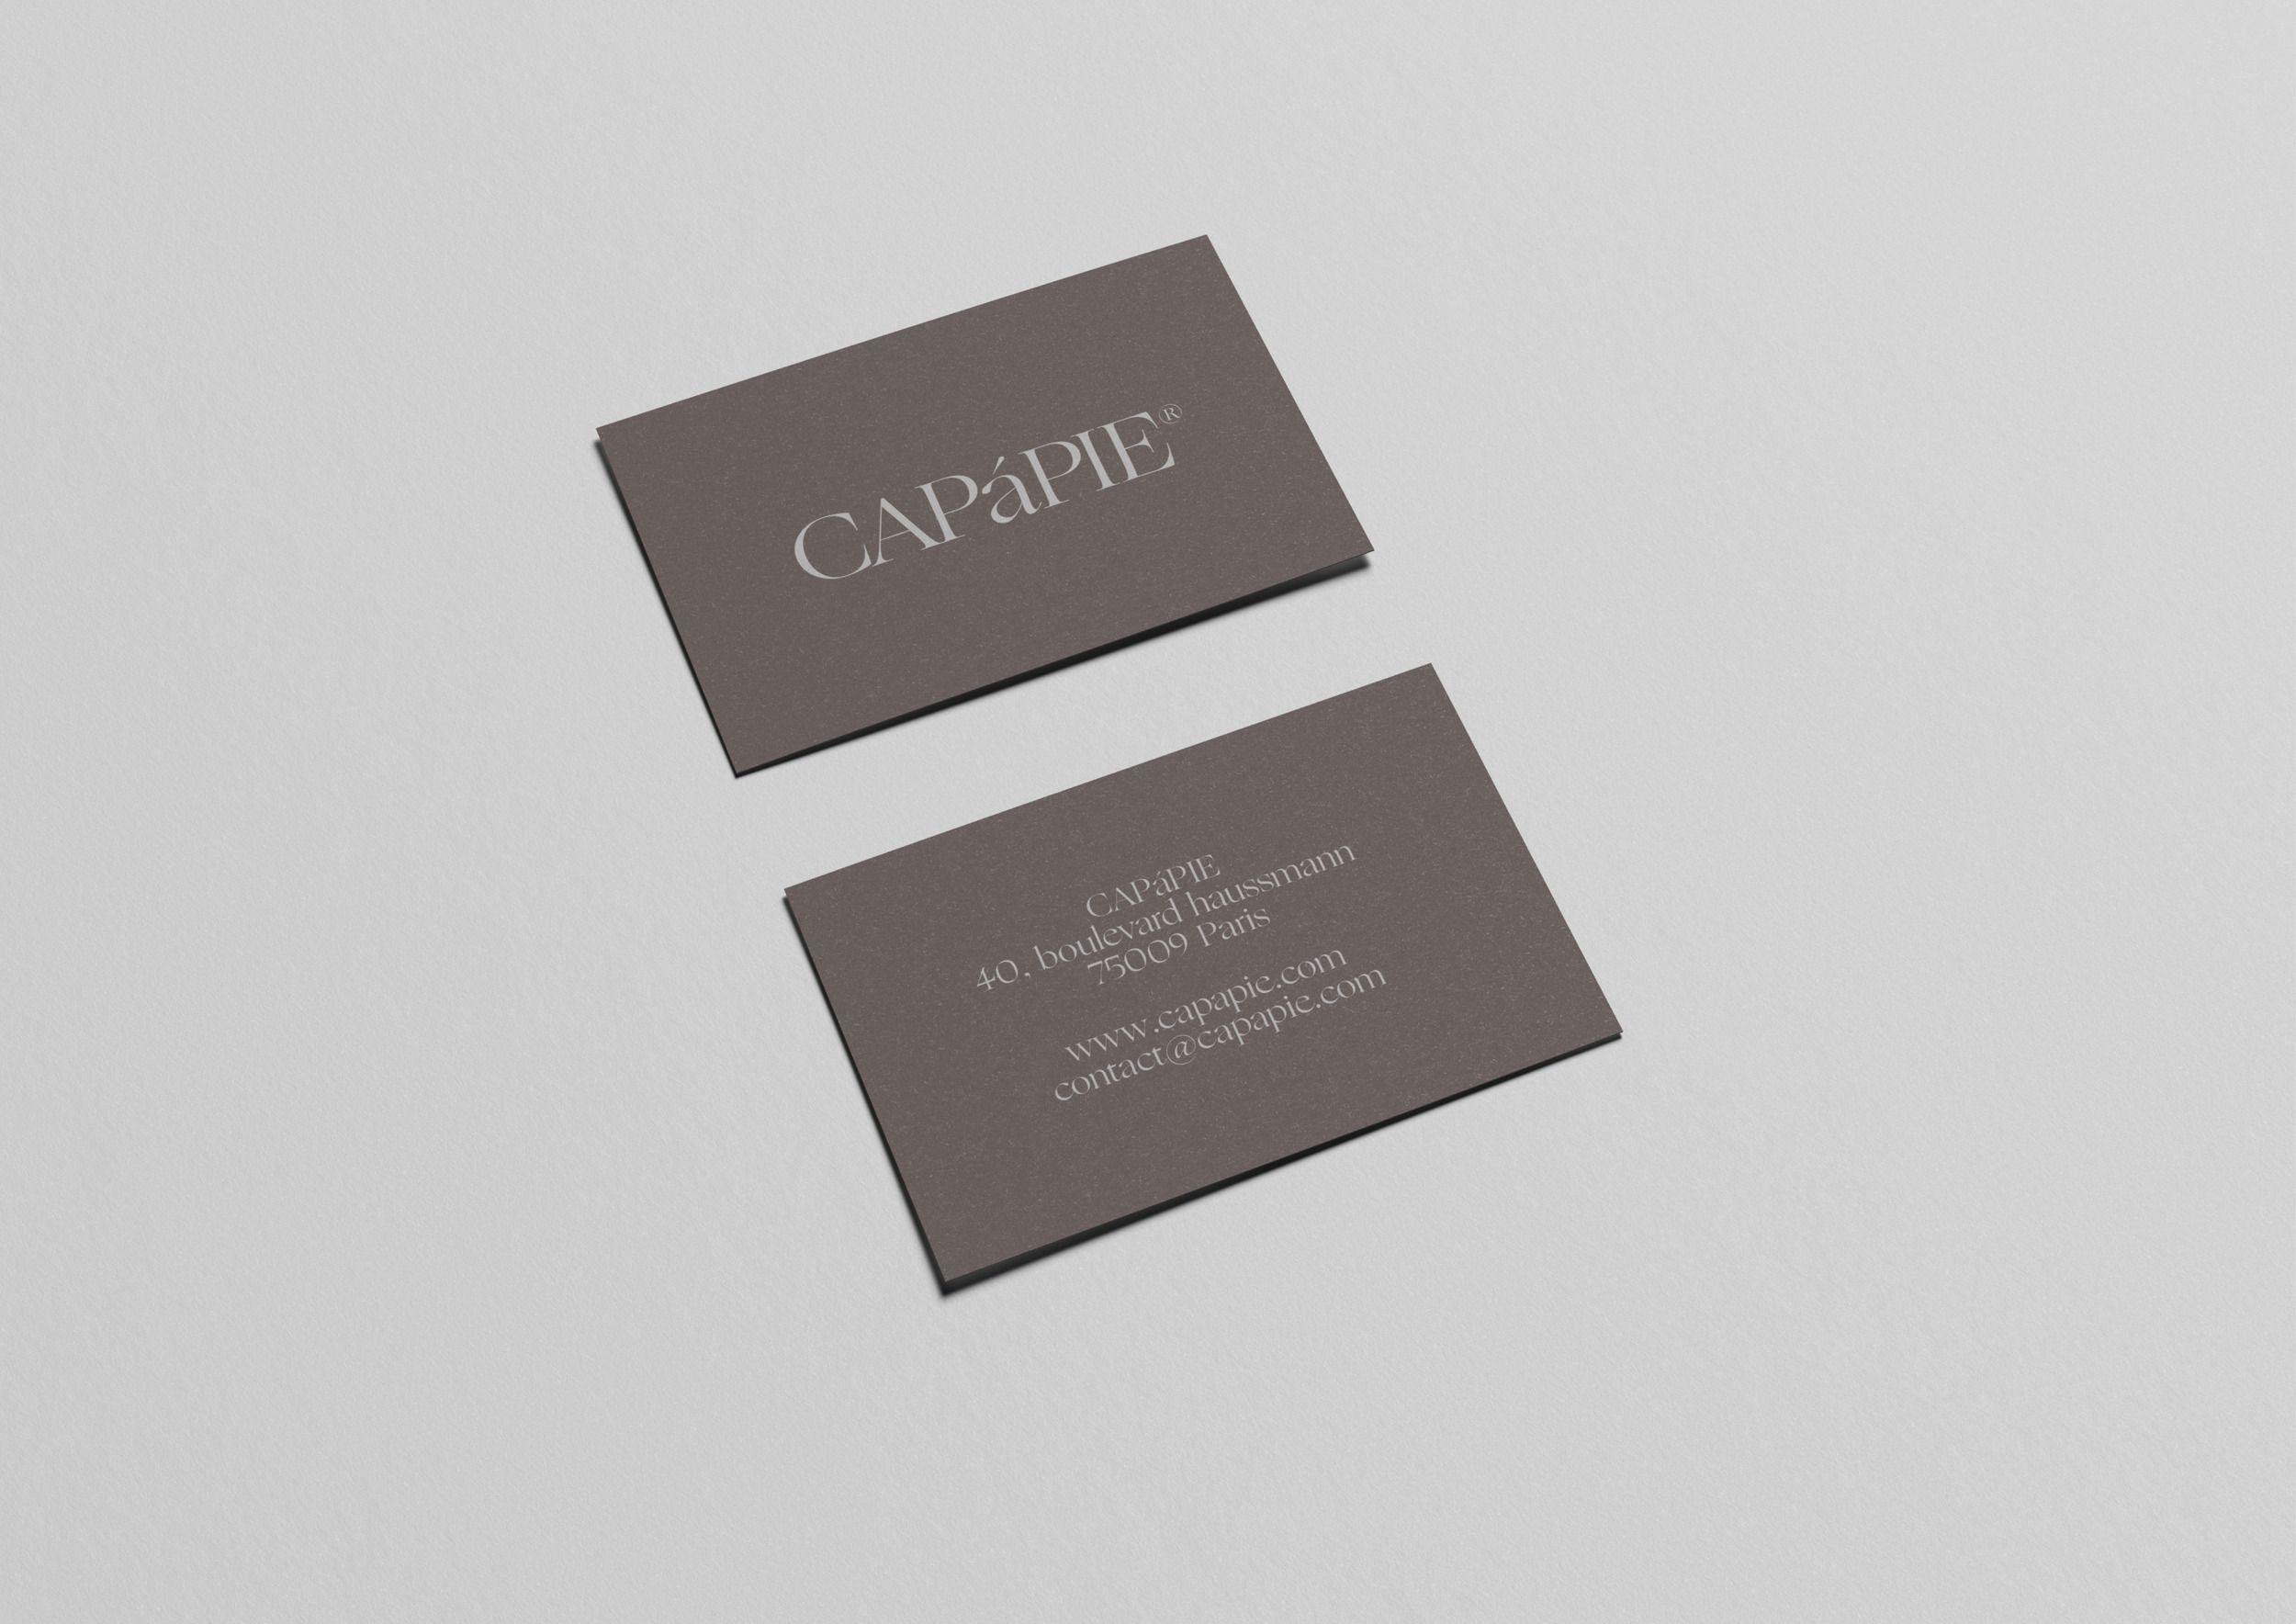 signe dj - CAPaPIE